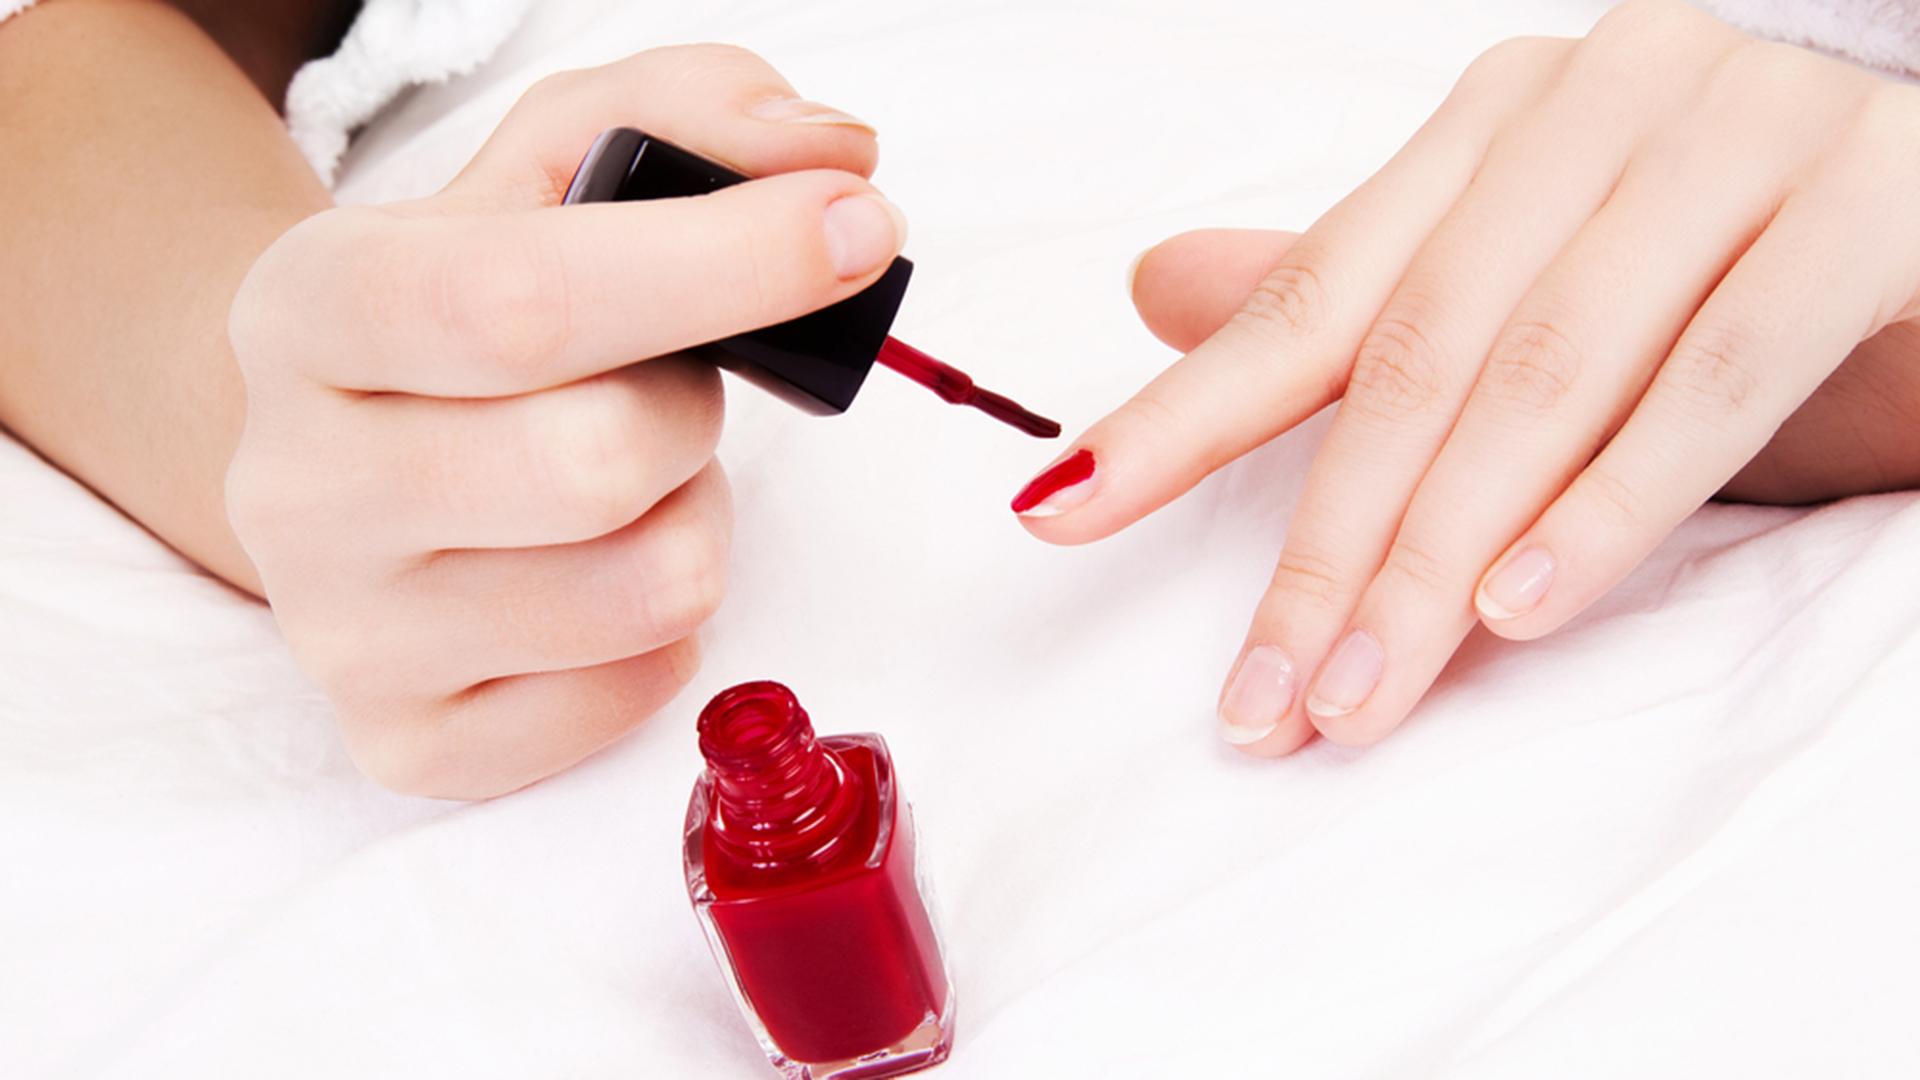 Сонник красить ногти лаком на руках